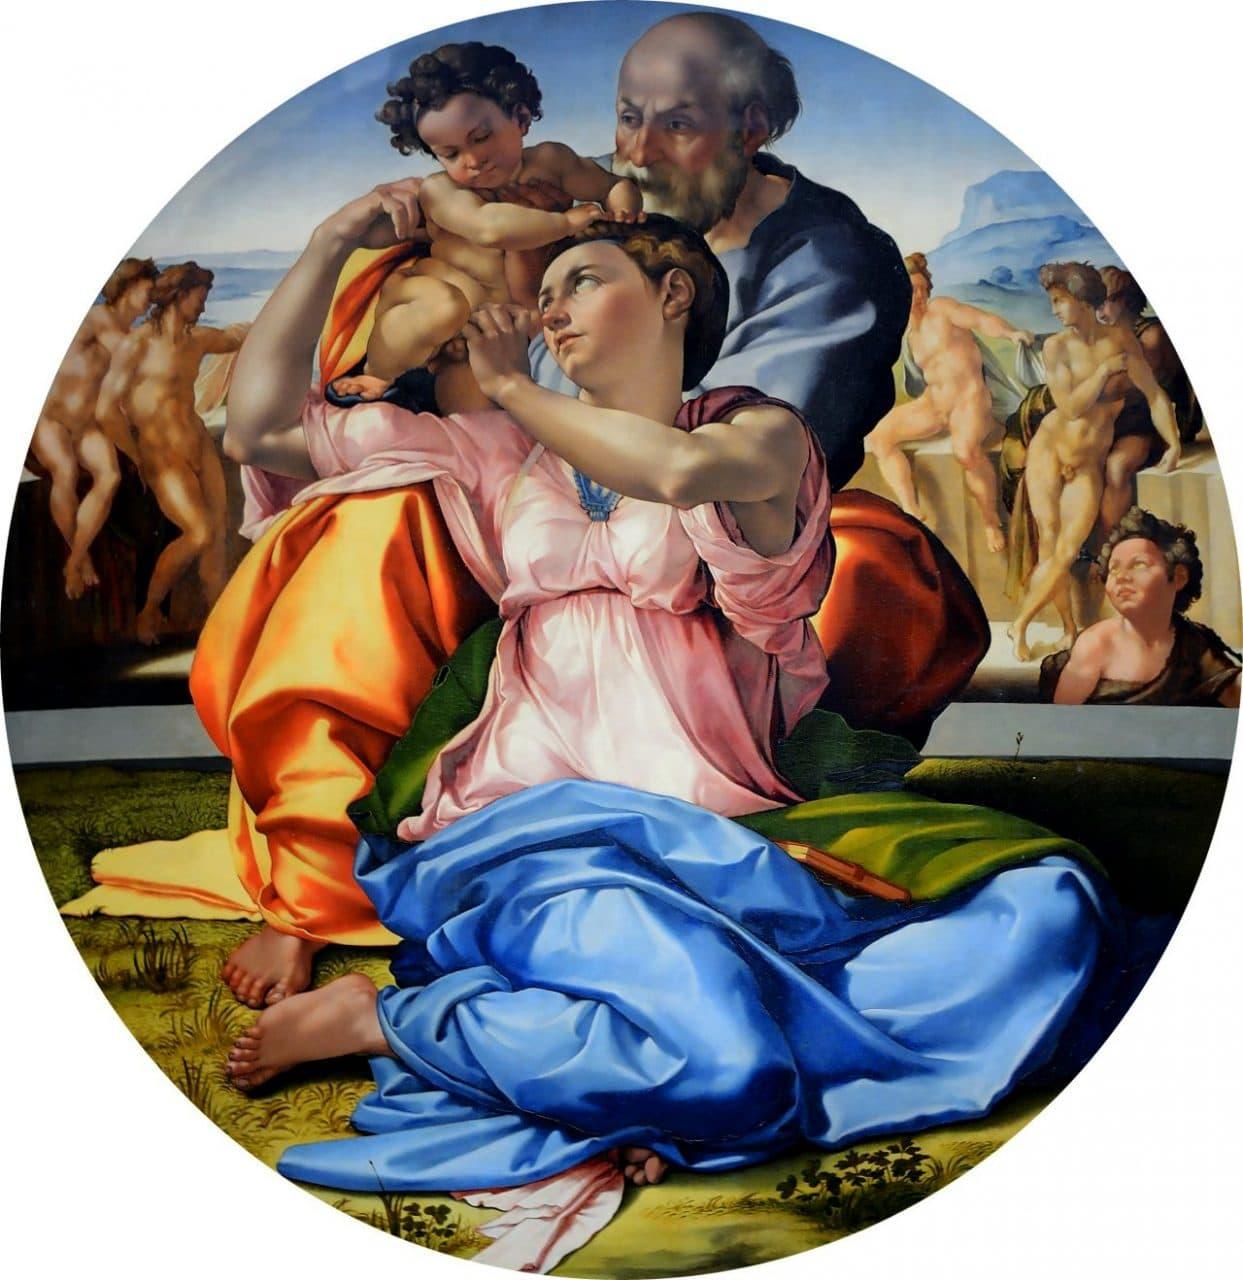 미켈란첼로의 유일한 회화 작품인 론도 도니(Tondo Doni), 우피치갤러리 소장